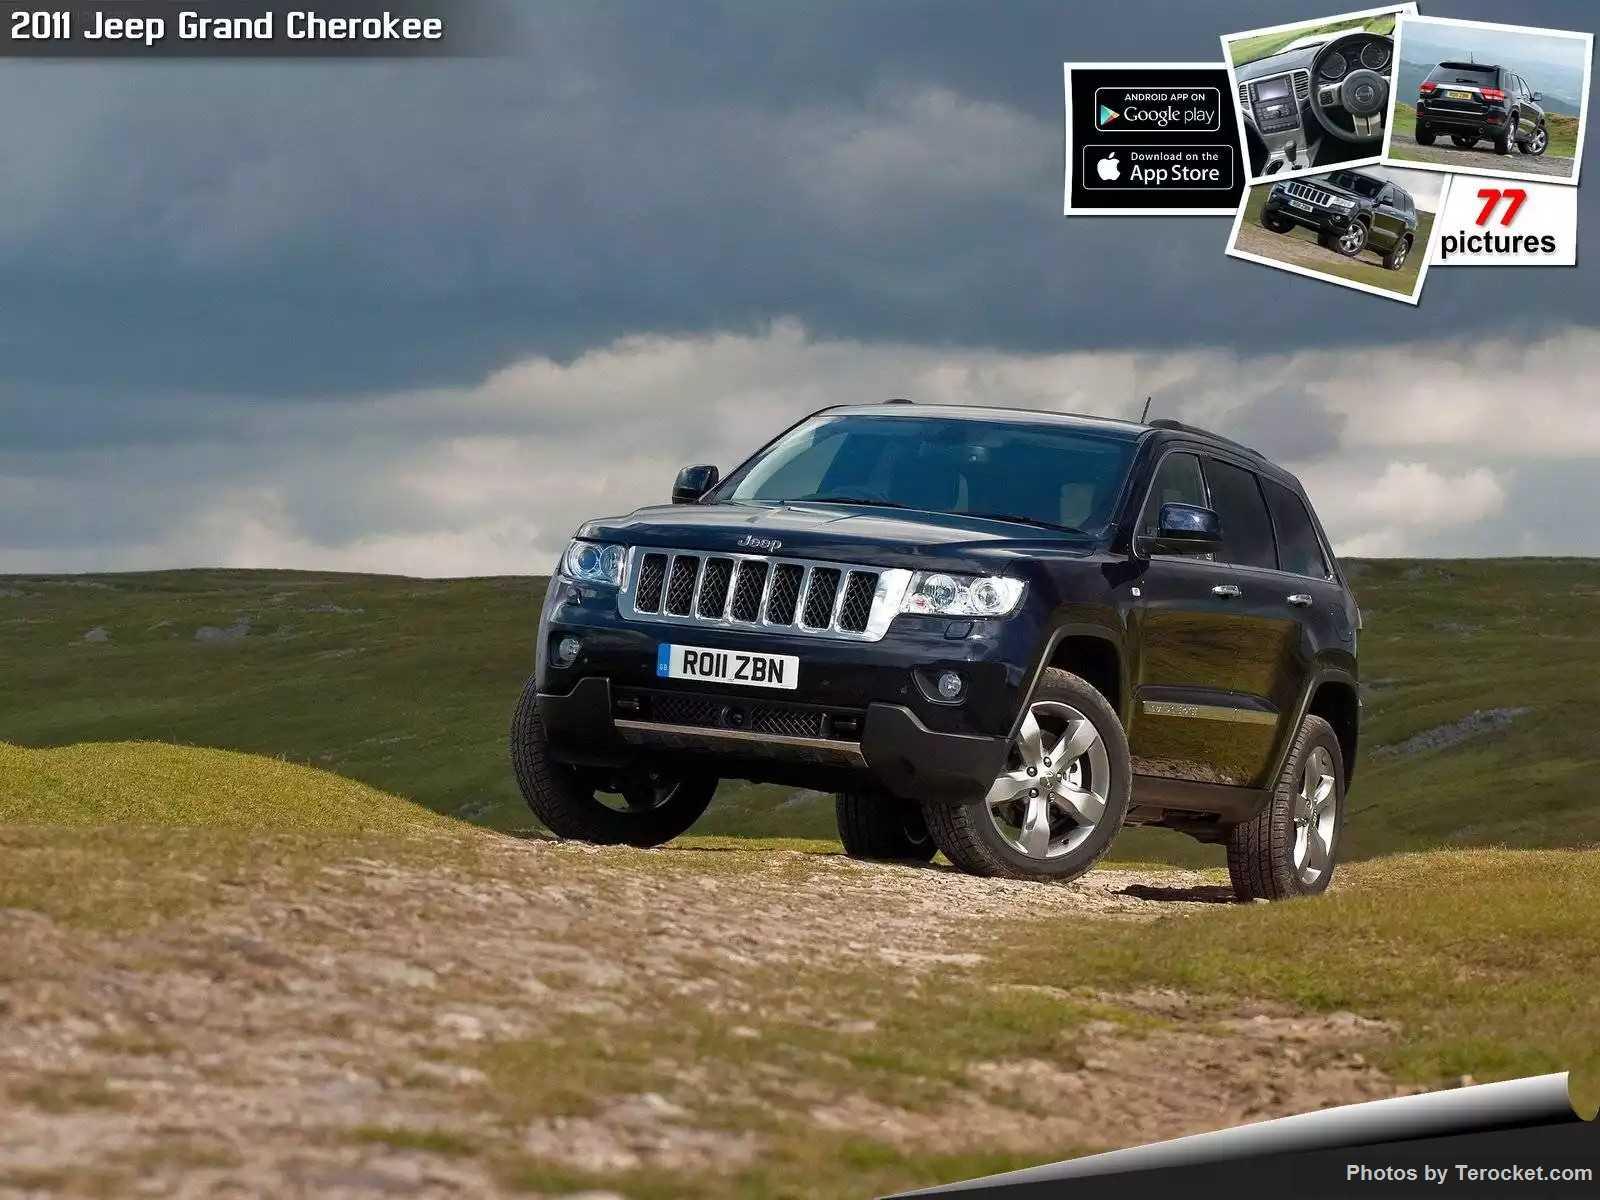 Hình ảnh xe ô tô Jeep Grand Cherokee UK Version 2011 & nội ngoại thất